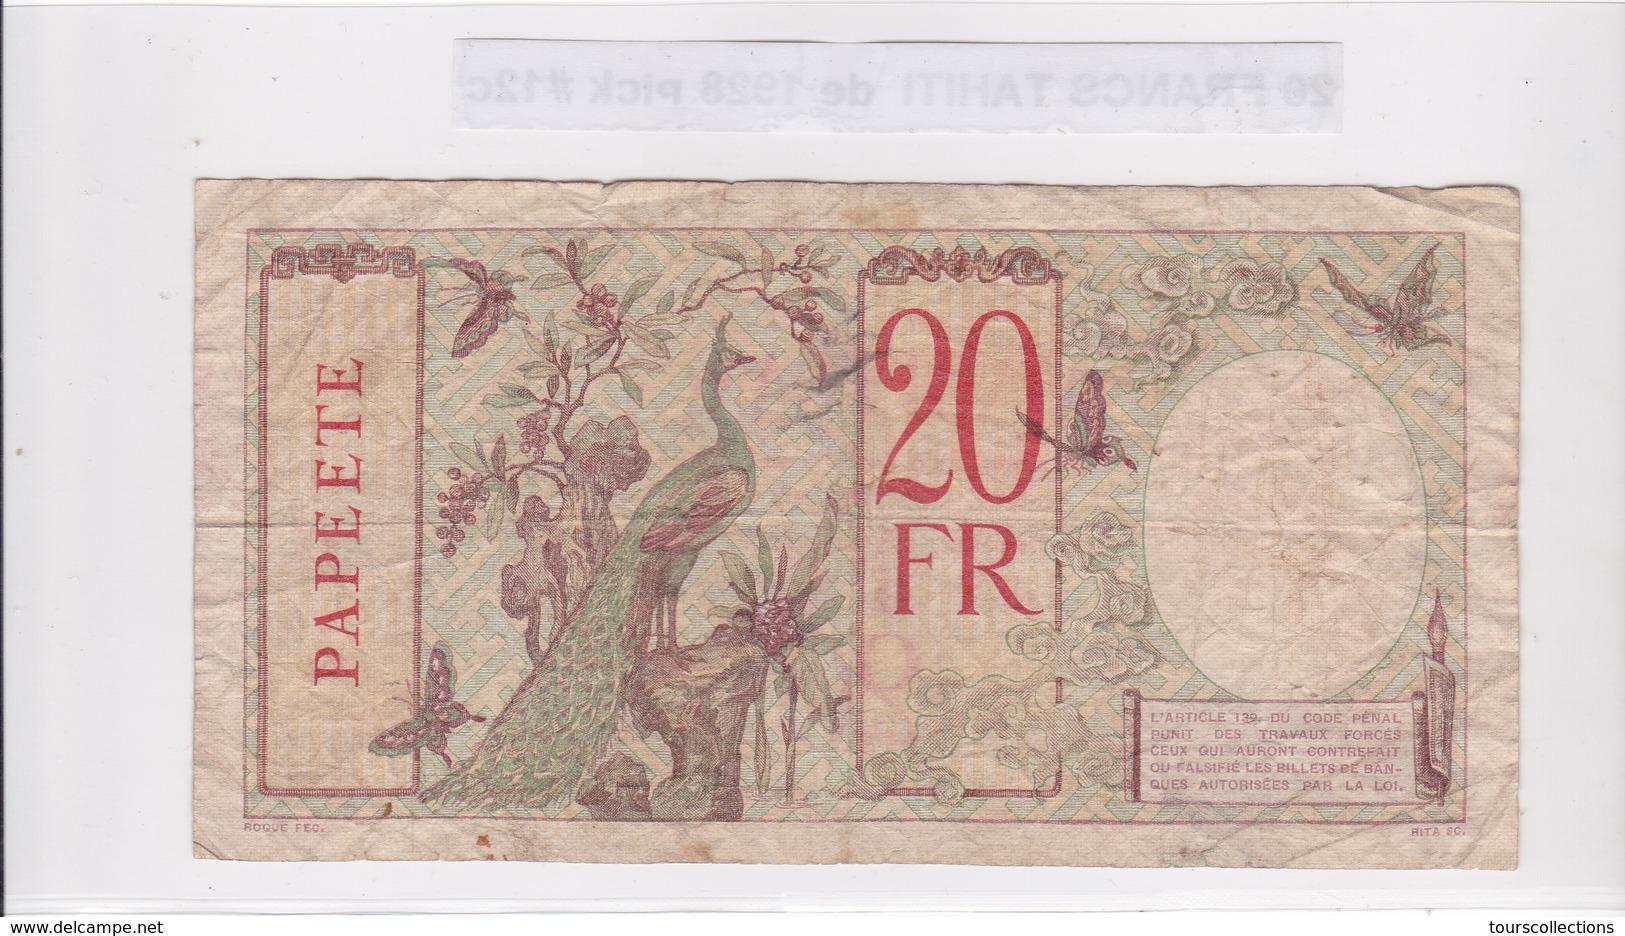 RARE BILLET 20 FRANCS De 1928 De TAHITI Papeete W.40 - Banque De L'indochine Surcharge Polynesie Francaise @ Pick 12c - Papeete (Polynésie Française 1914-1985)